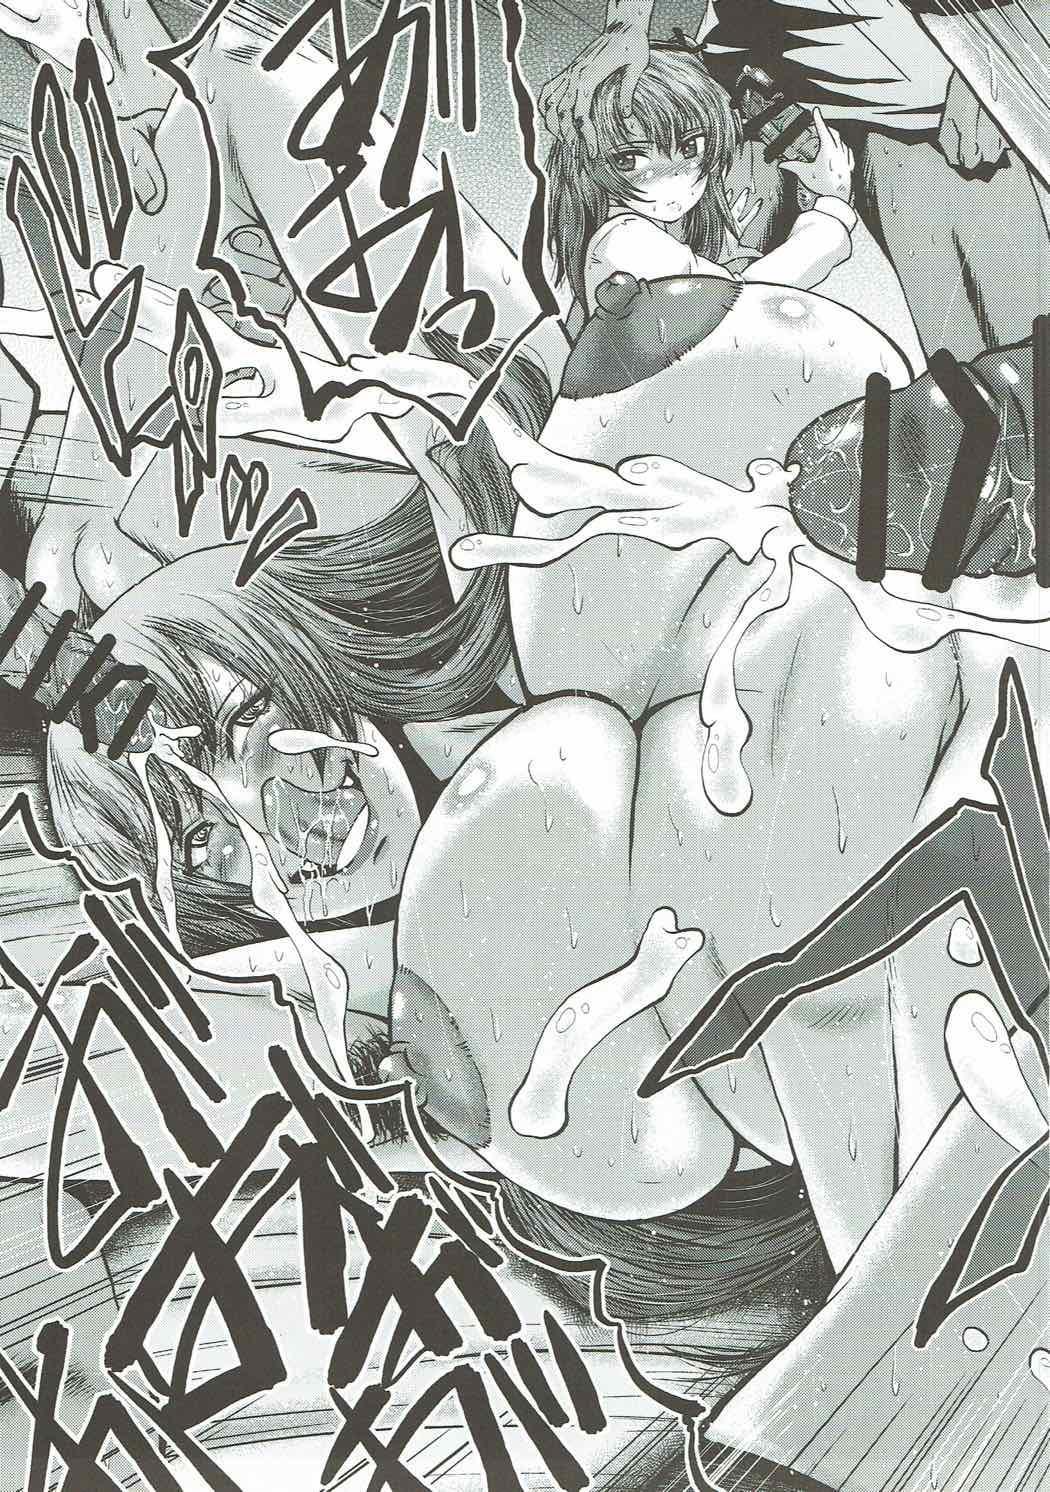 Urabambi Vol. 55 Yuukan Madam no Shiroi Niku 21